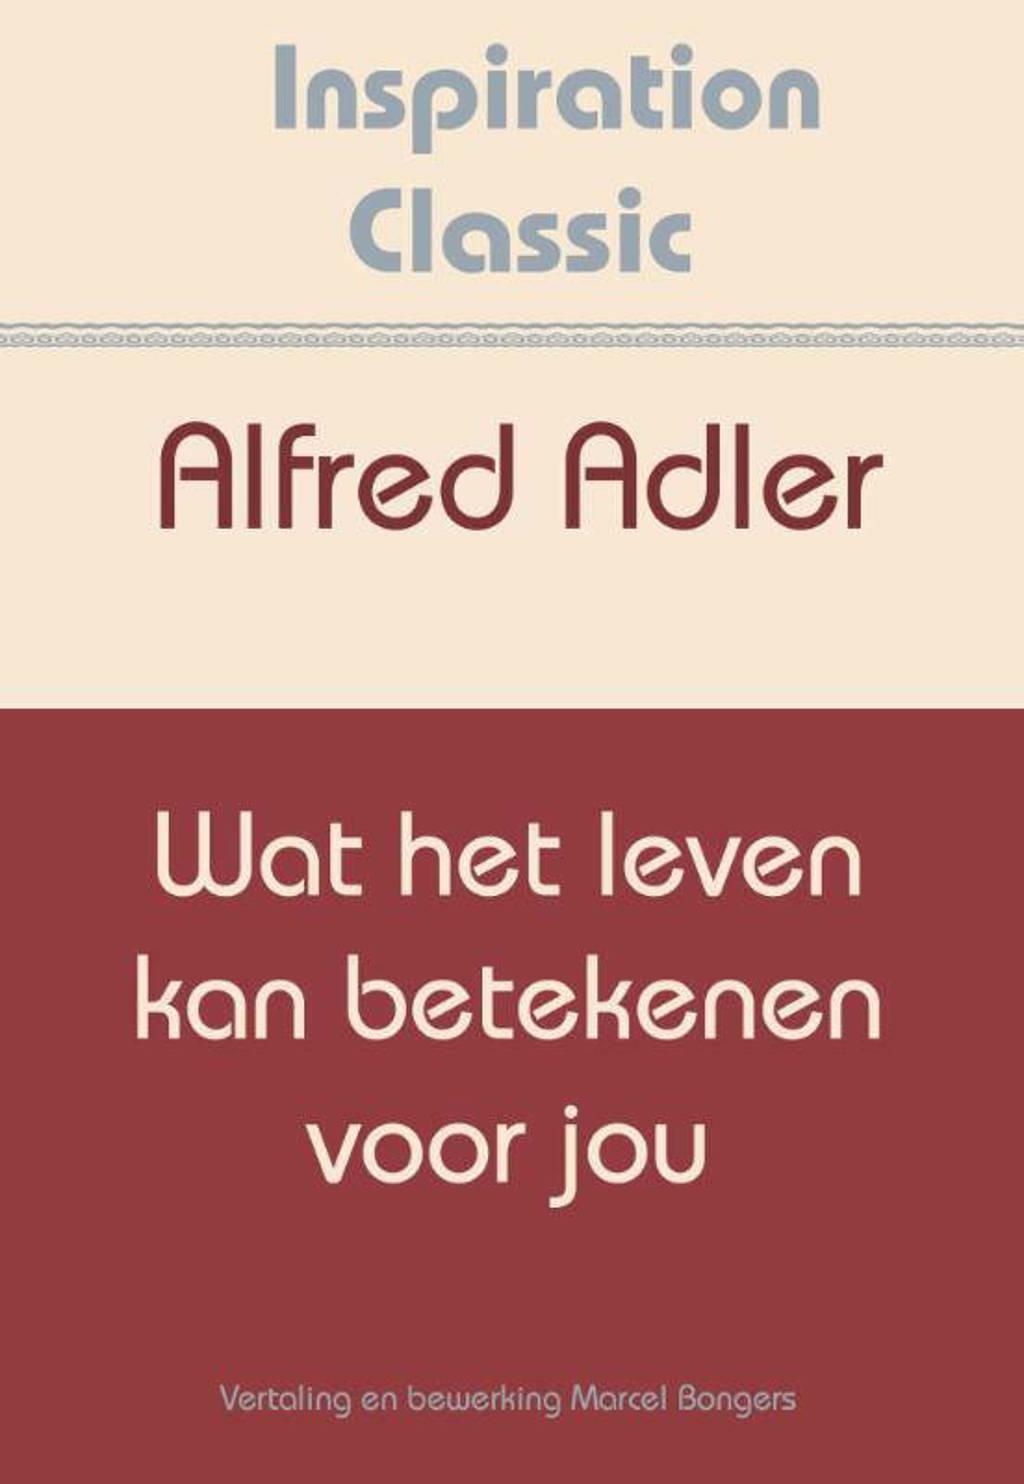 Inspiration Classic: Wat het leven kan betekenen voor jou - Alfred Adler